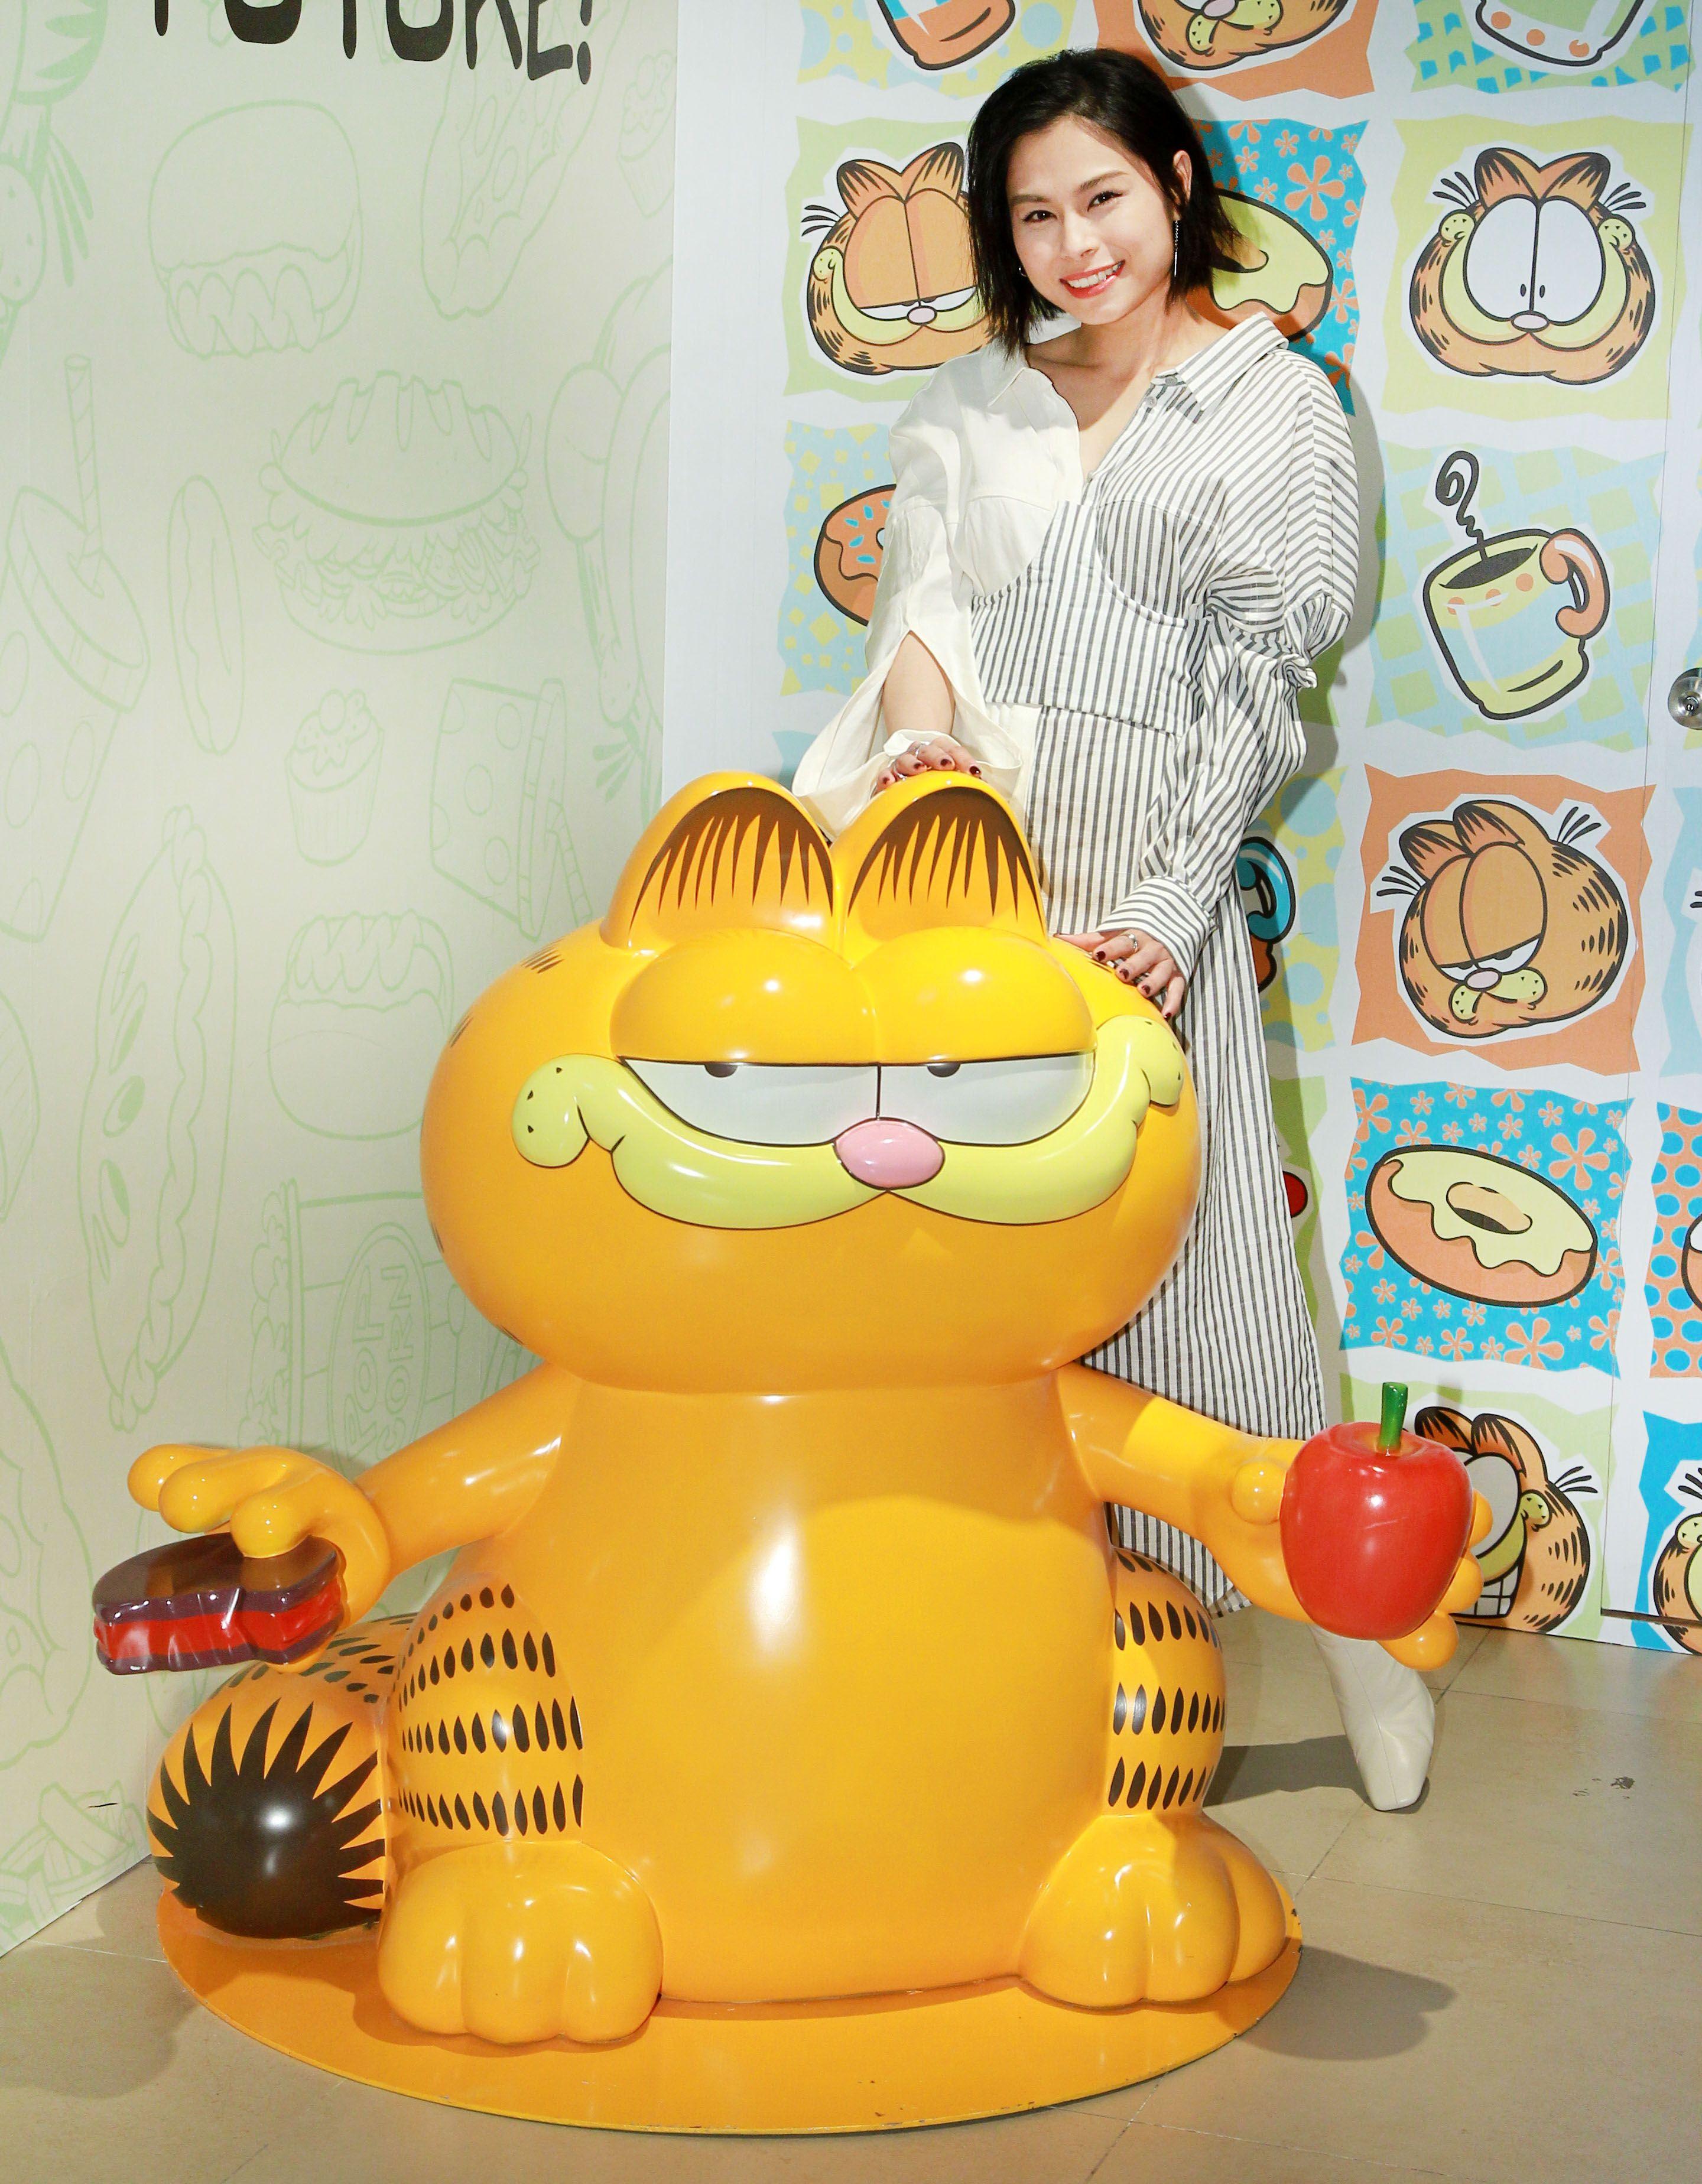 李幸倪(Gin)忙裡偷閒朝聖可愛的加菲貓展。(記者邱榮吉/攝影)